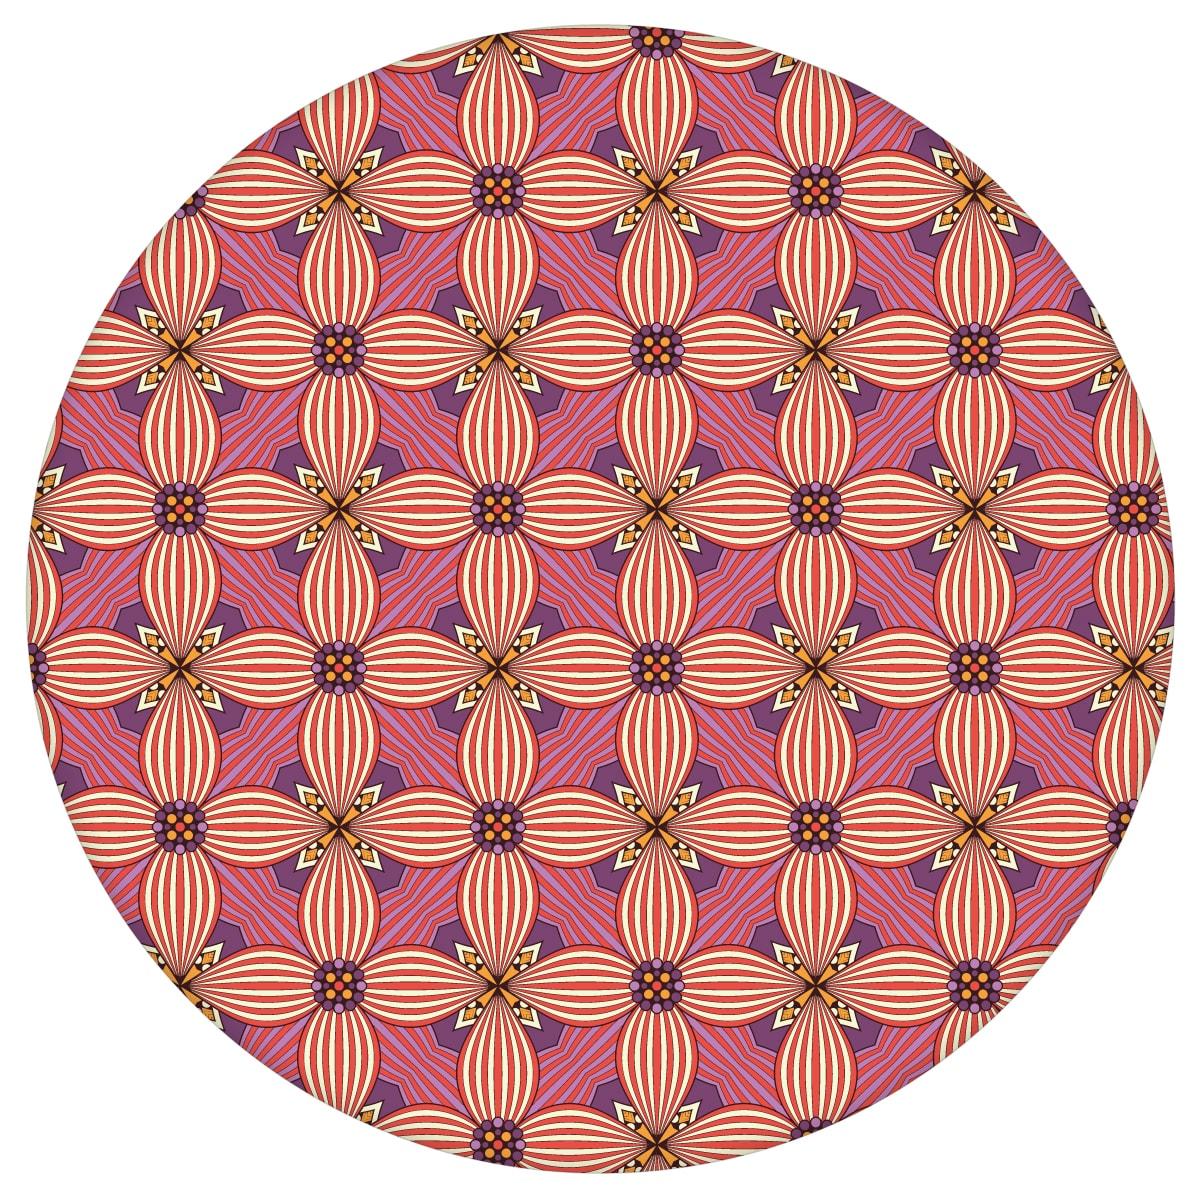 Ornamenttapete Art Deko Lilly Retro Muster in lila - Design Tapete für Wohnzimmeraus dem GMM-BERLIN.com Sortiment: rosa Tapete zur Raumgestaltung: #00120 #Ambiente #Art Deko #blueten #blumen #Grafik #interior #interiordesign #Violette Tapeten #Wohnzimmer für individuelles Interiordesign